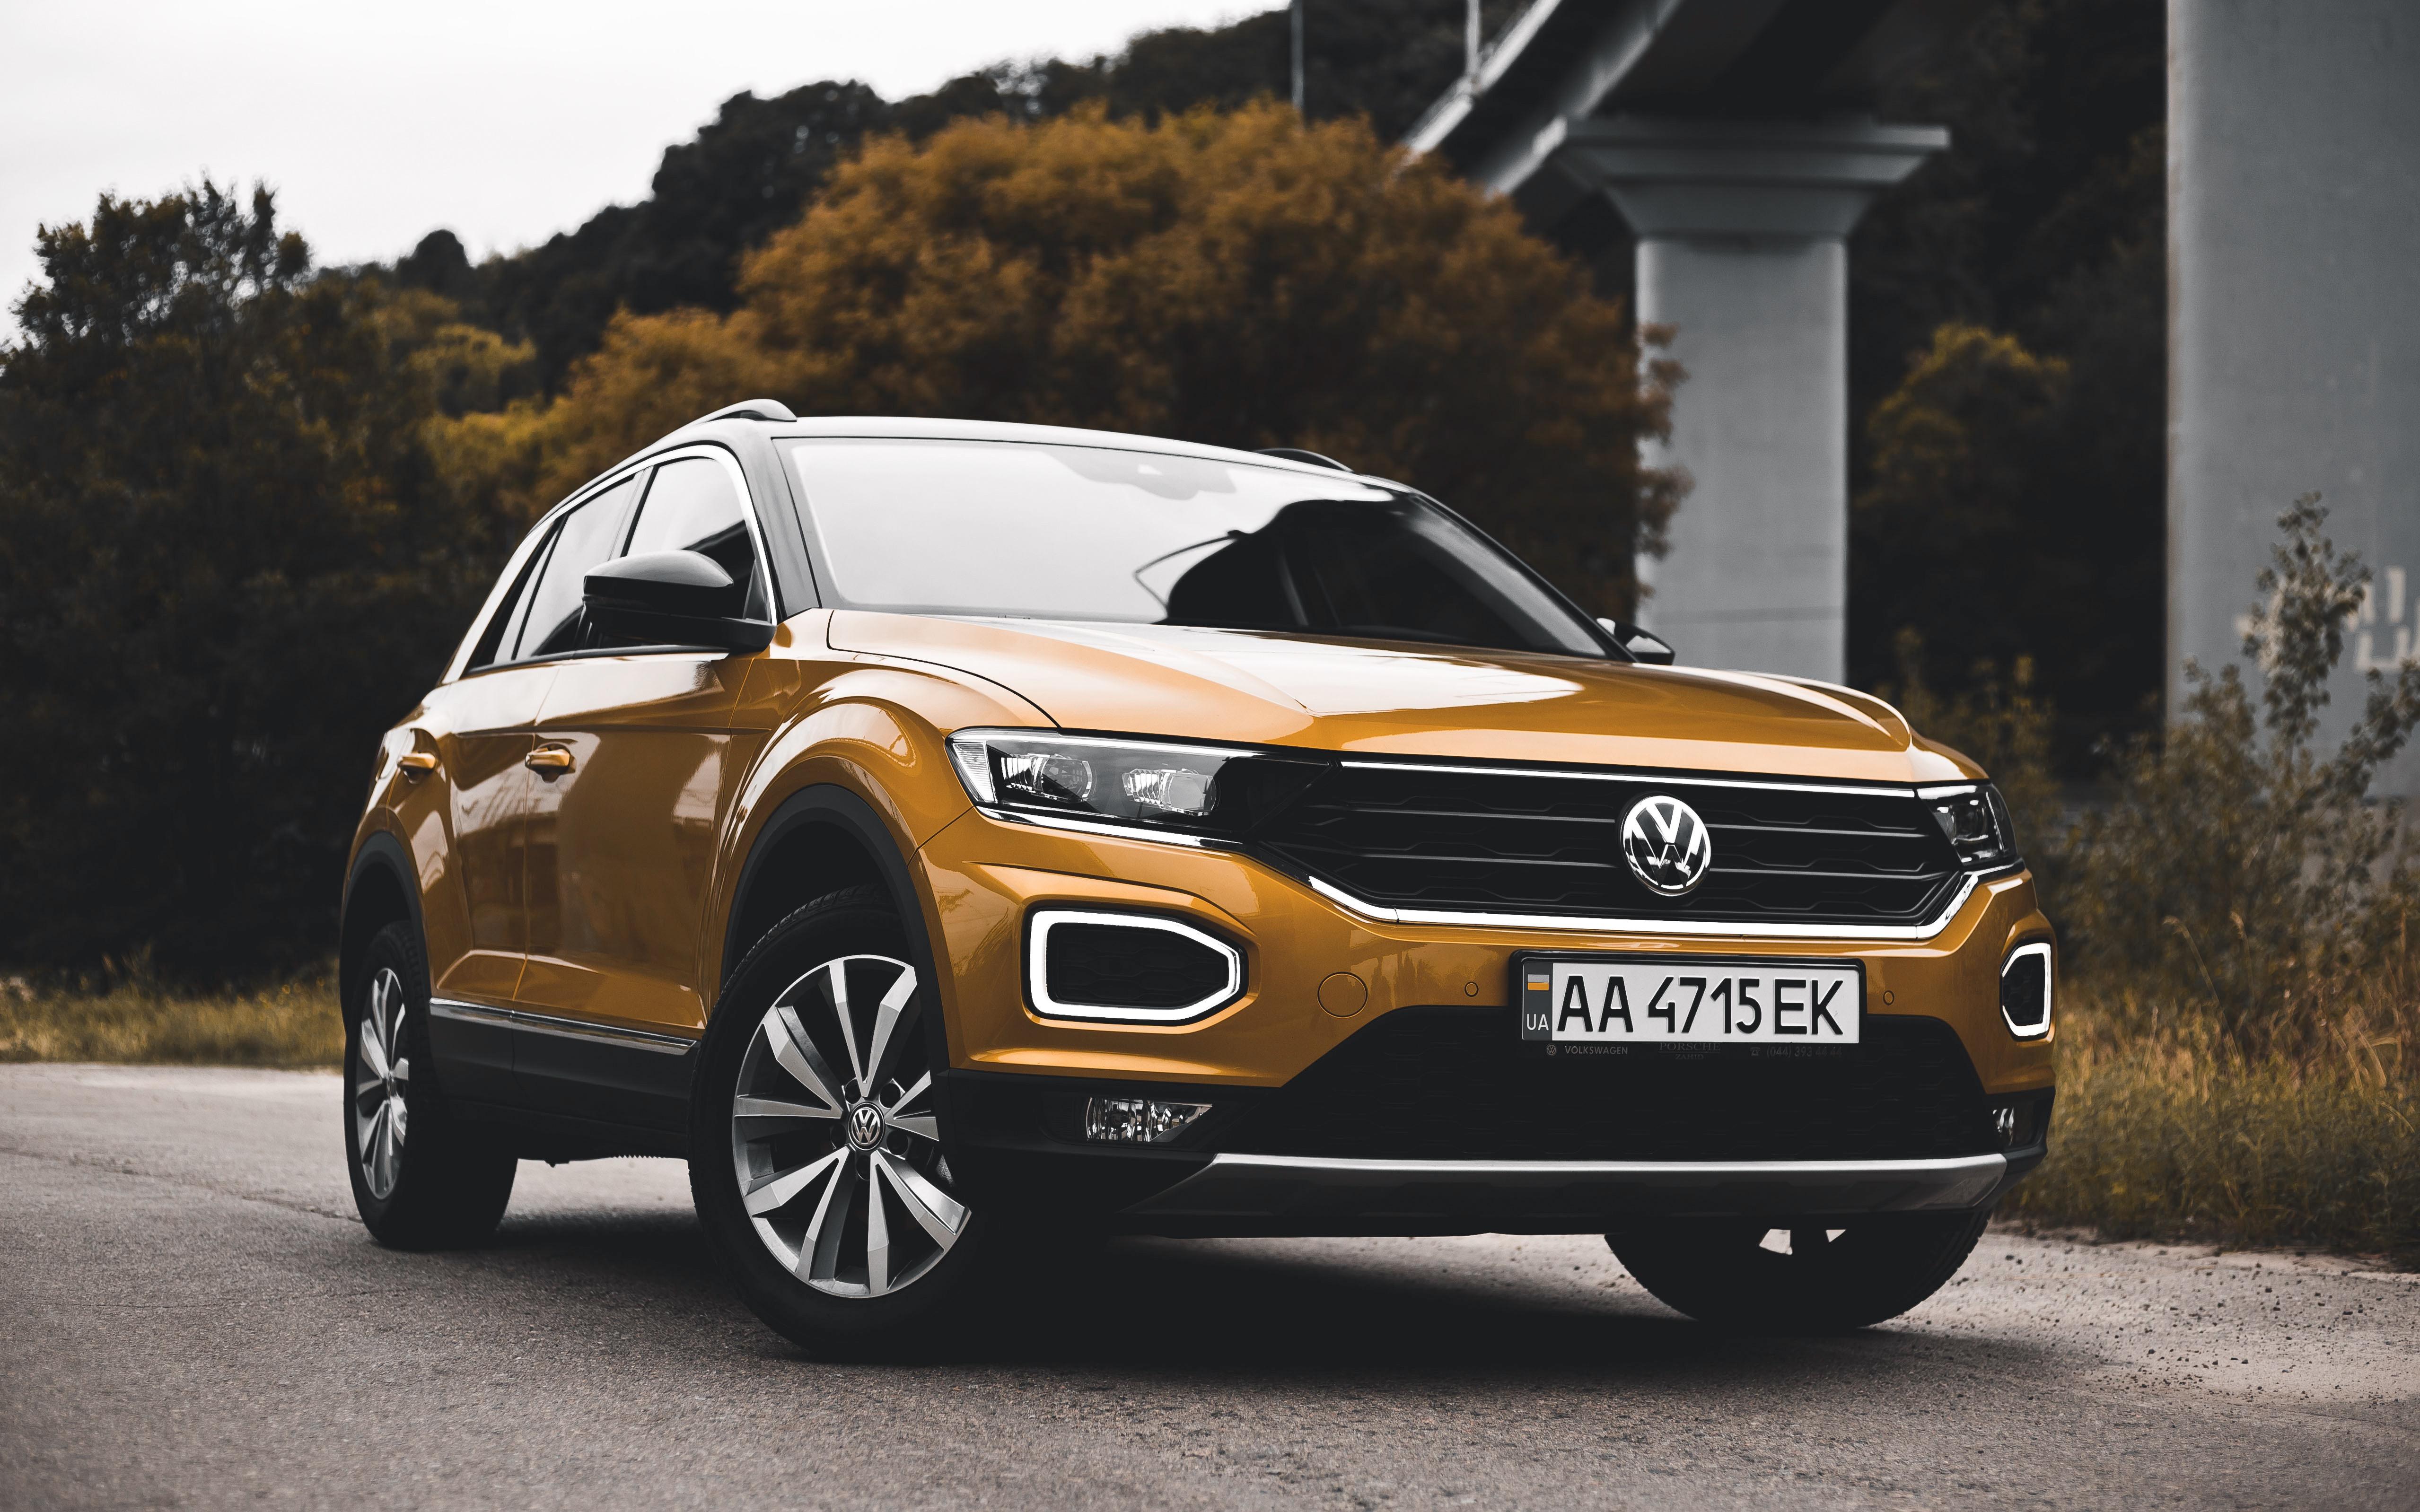 Тест-драйв Volkswagen T-Roc: «Я почему вредный был - потому, что у меня T-Roc не было!»